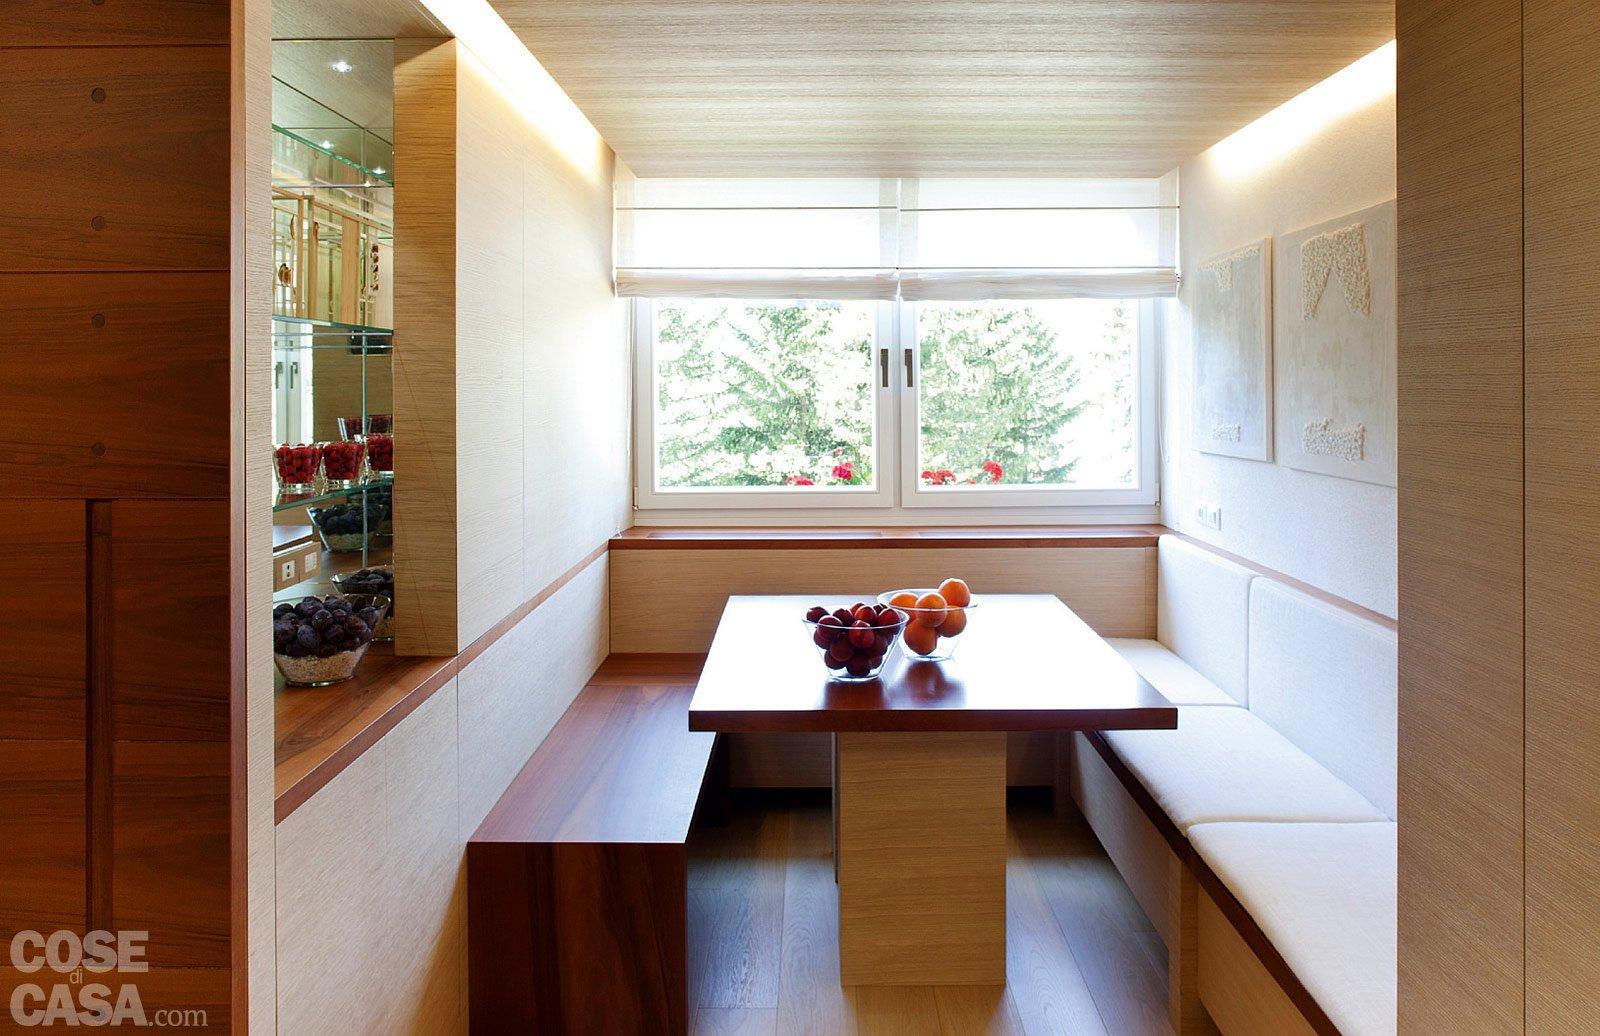 57 Mq: Una Casa Con Stanze Trasformabili Cose Di Casa #3B1508 1600 1036 Panche IKEA